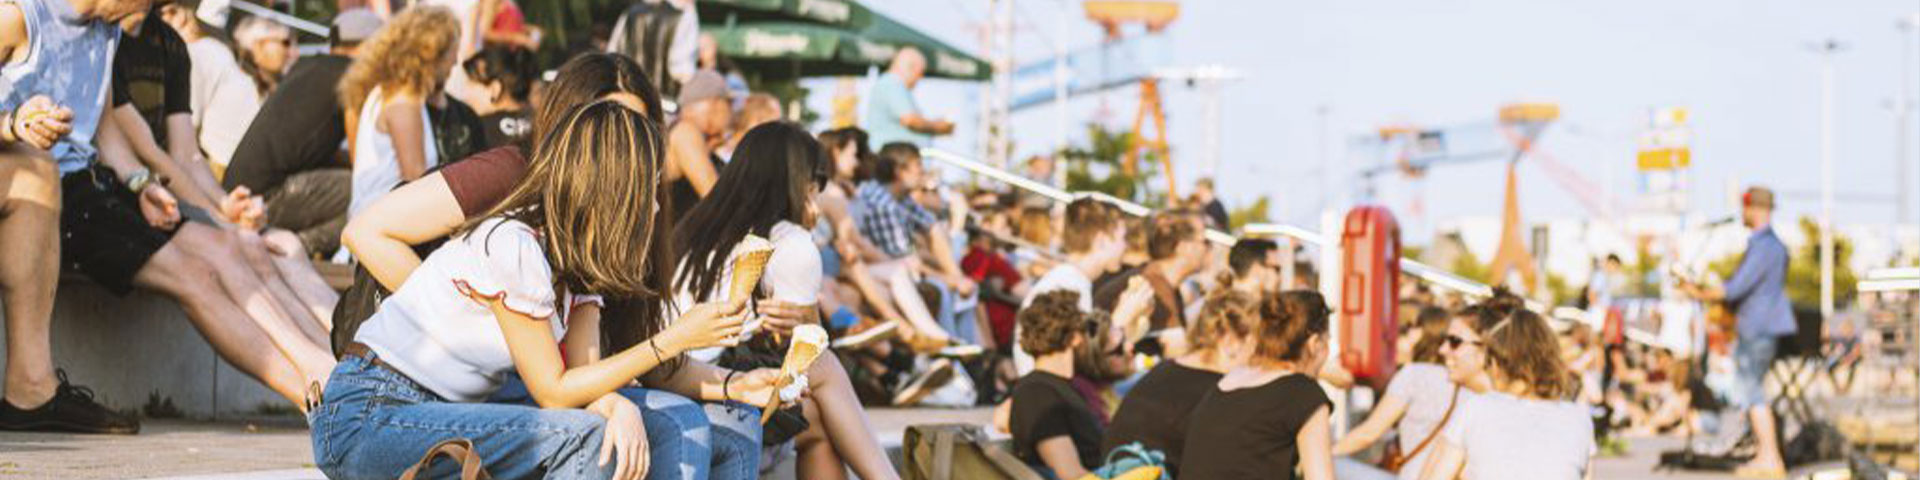 Titelbild für den Eventkalender - Outdoorkonzert, Zuschauer sitzen und essen Eis während sie zugucken